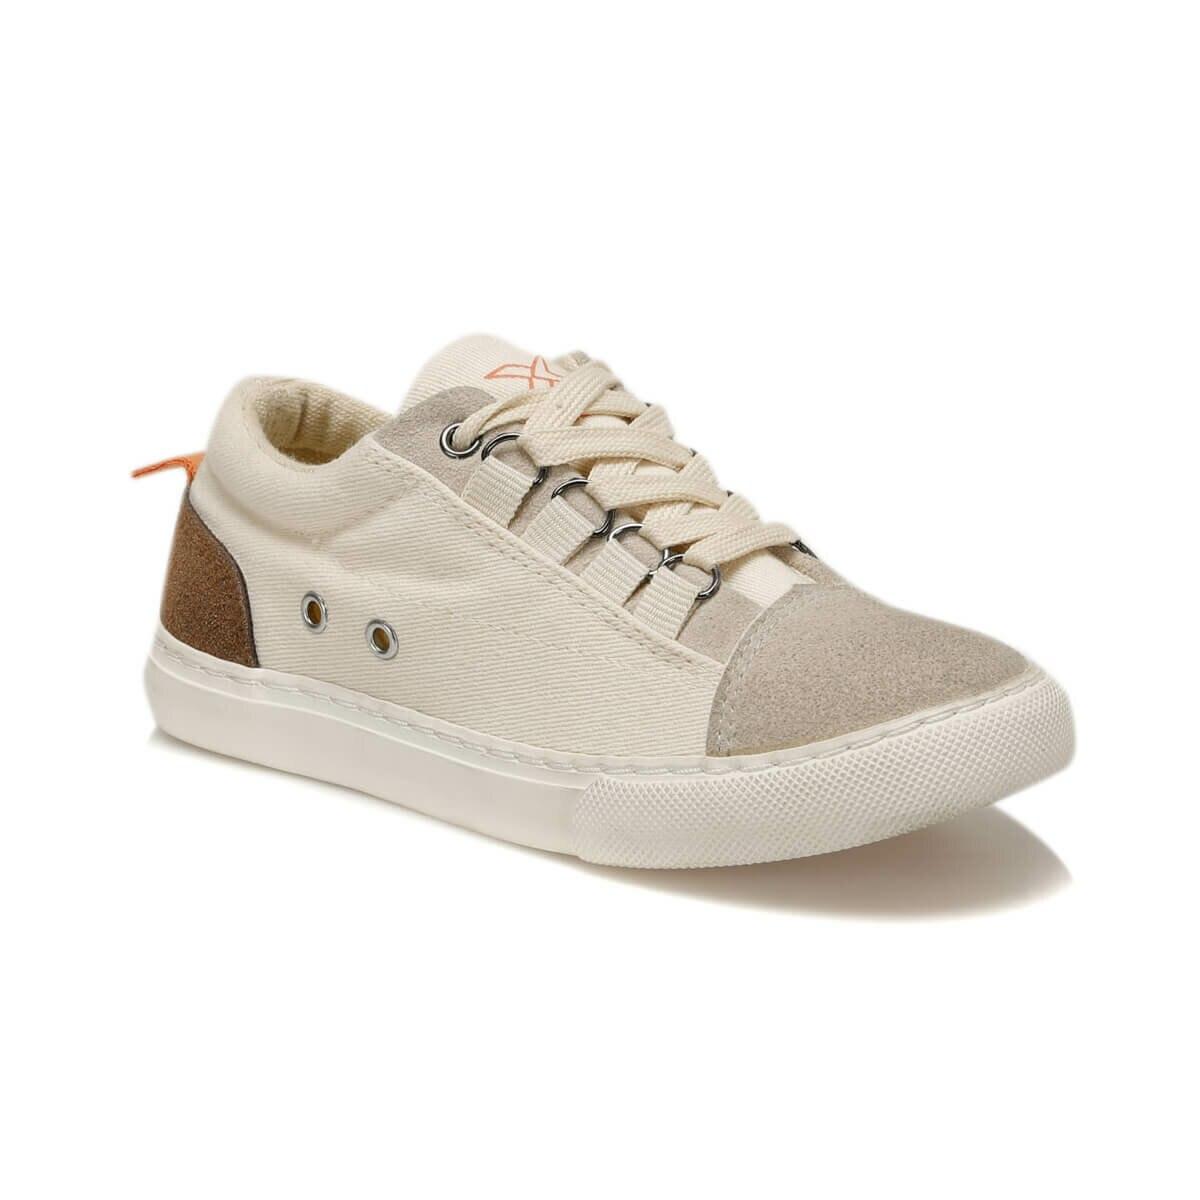 FLO VARUNA Beige Male Child Sneaker Shoes KINETIX